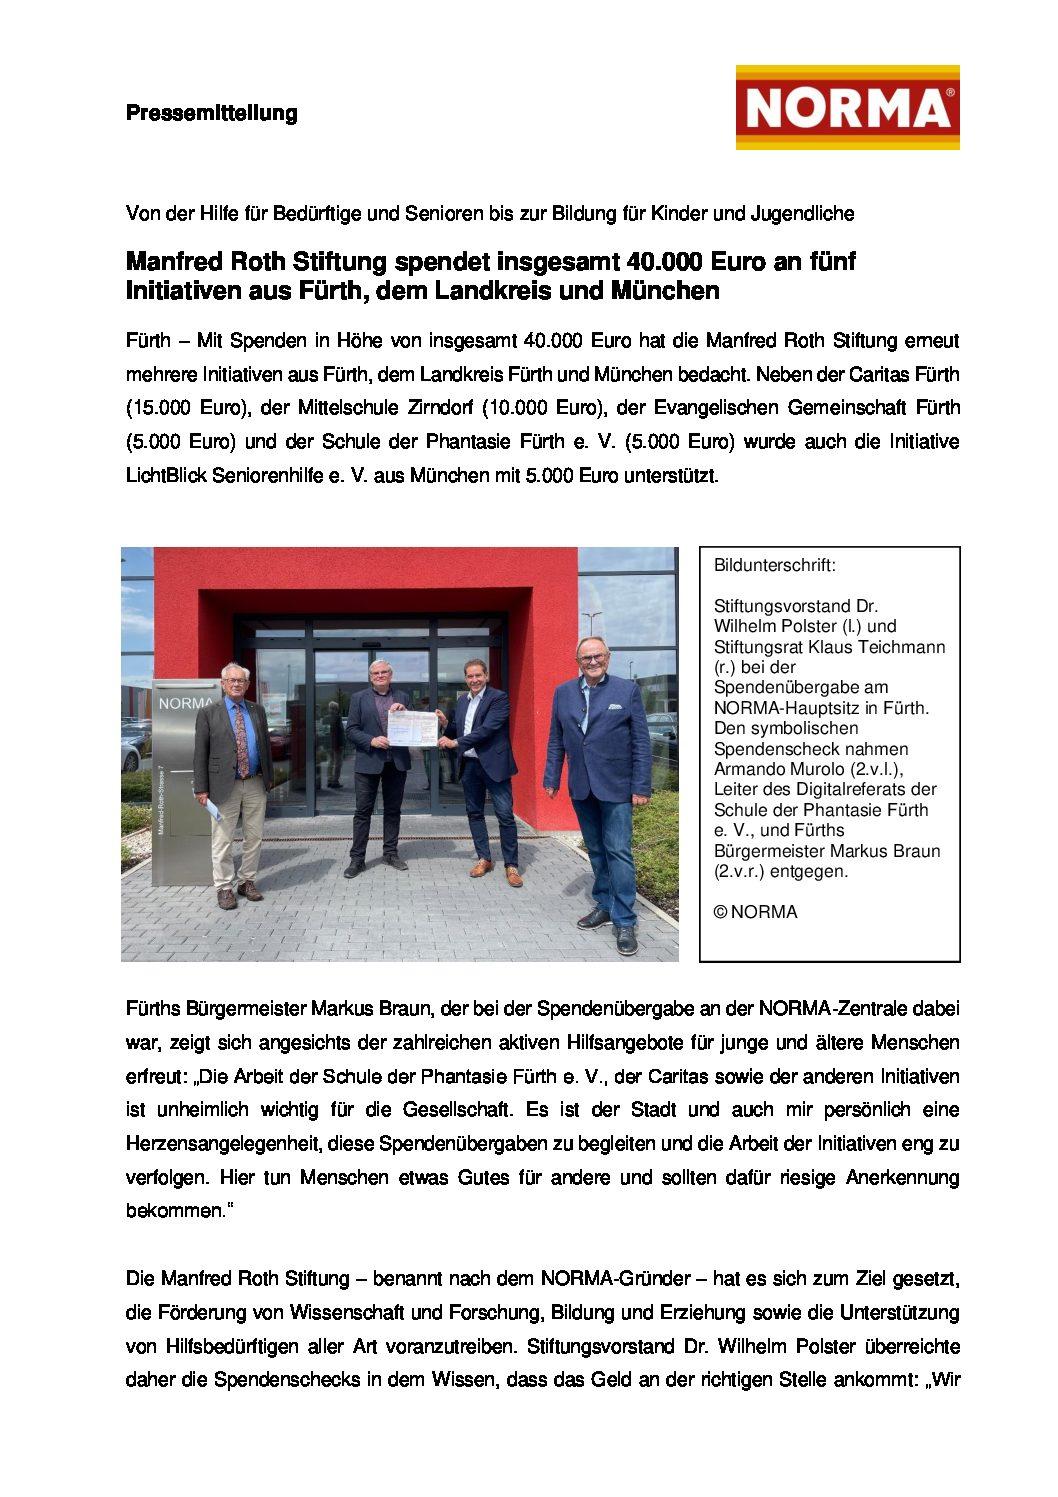 11.08.2021 | Pressemitteilung NORMA | Manfred Roth Stiftung spendet insgesamt 40.000 Euro